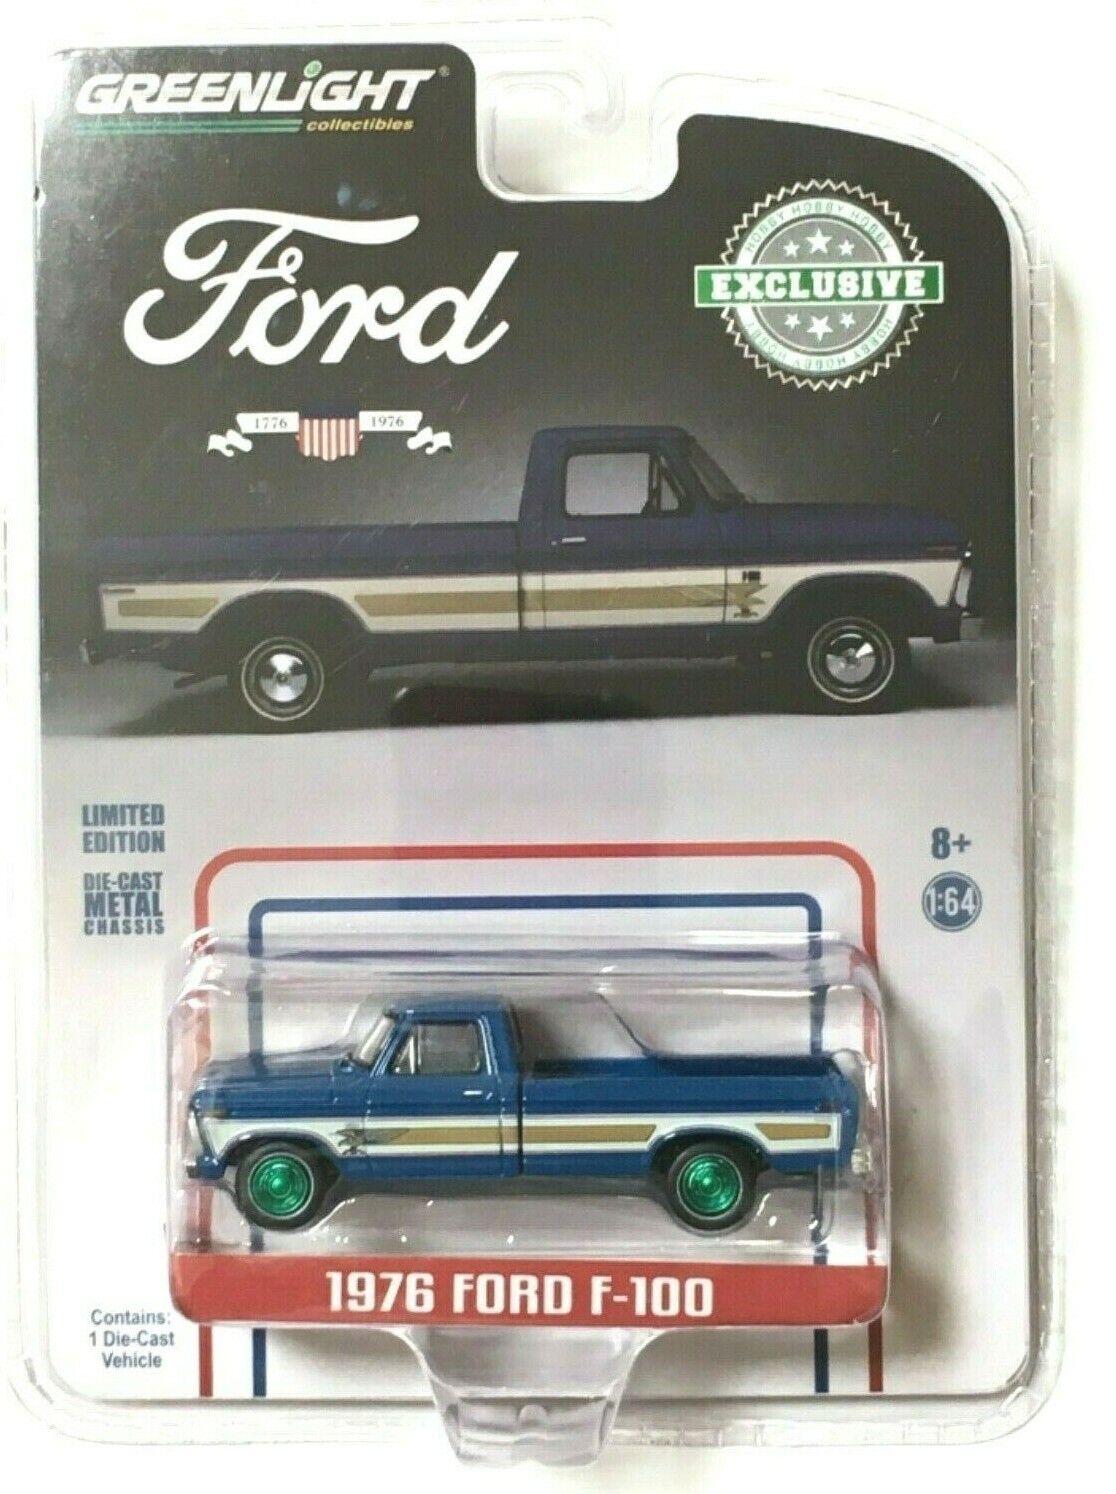 elige tu favorito Máquina verde verdeLight Chase 29966 29966 29966 1976 Ford F-100  comprar descuentos